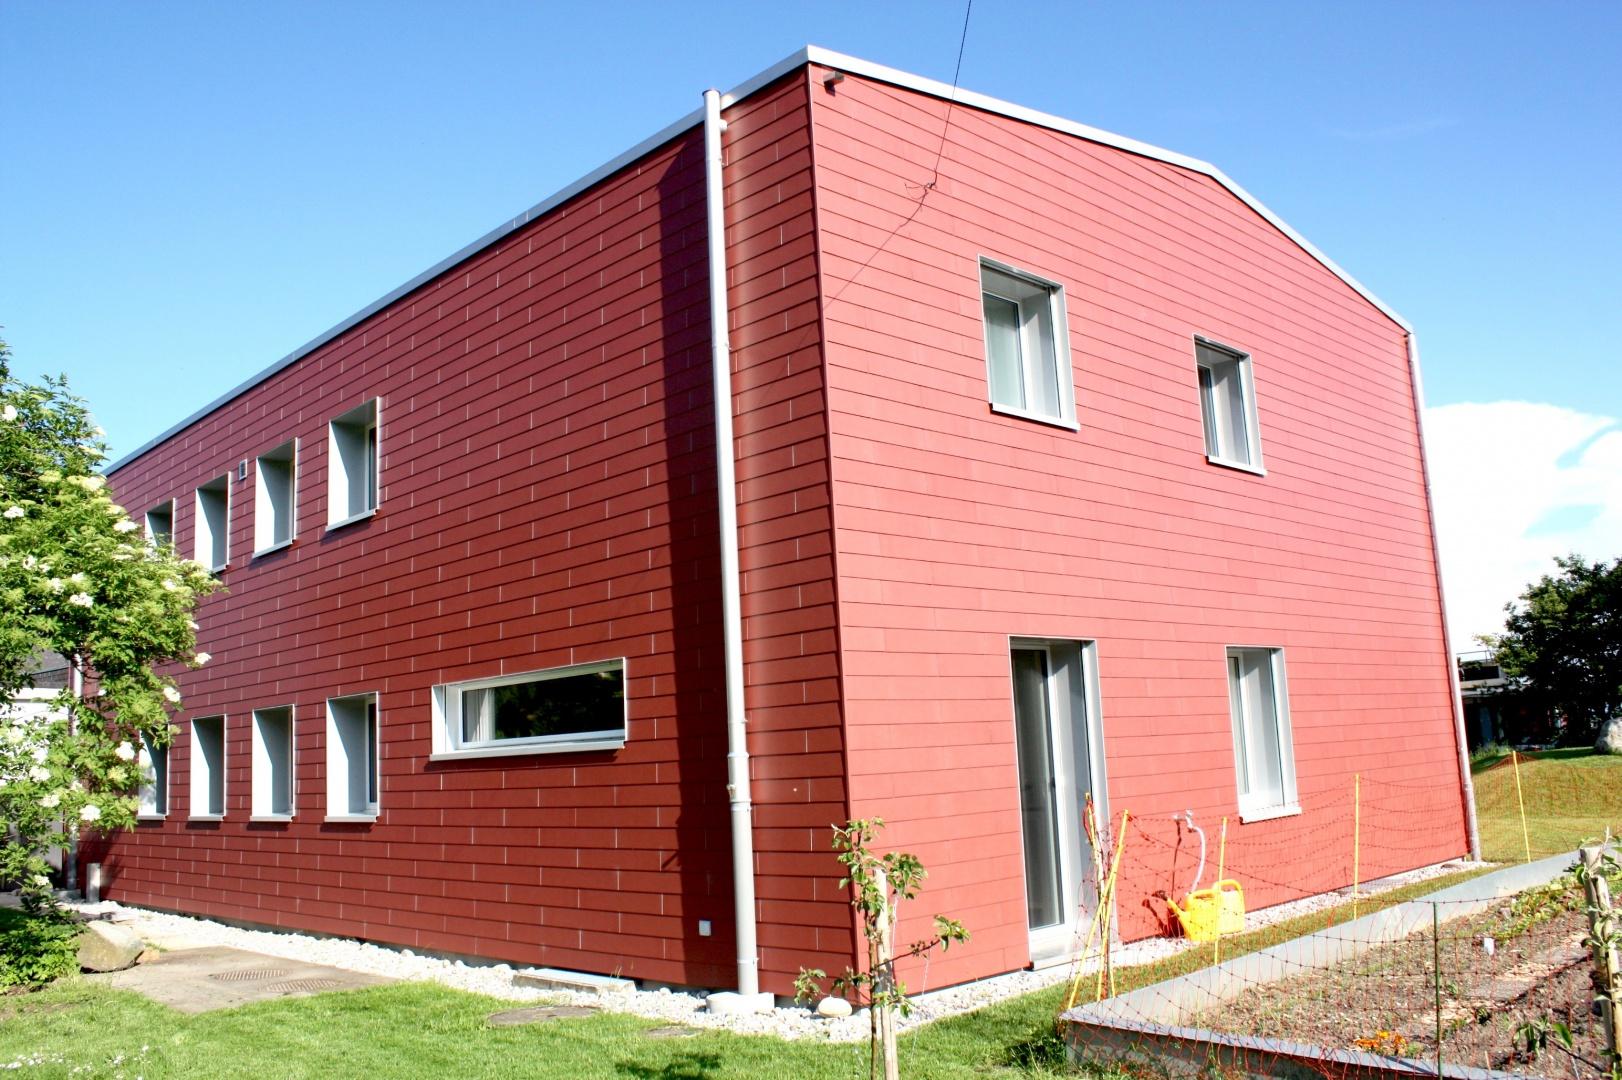 umbau sanierung einfamilienhaus anbau zus tzliche wohneinheit arc award. Black Bedroom Furniture Sets. Home Design Ideas